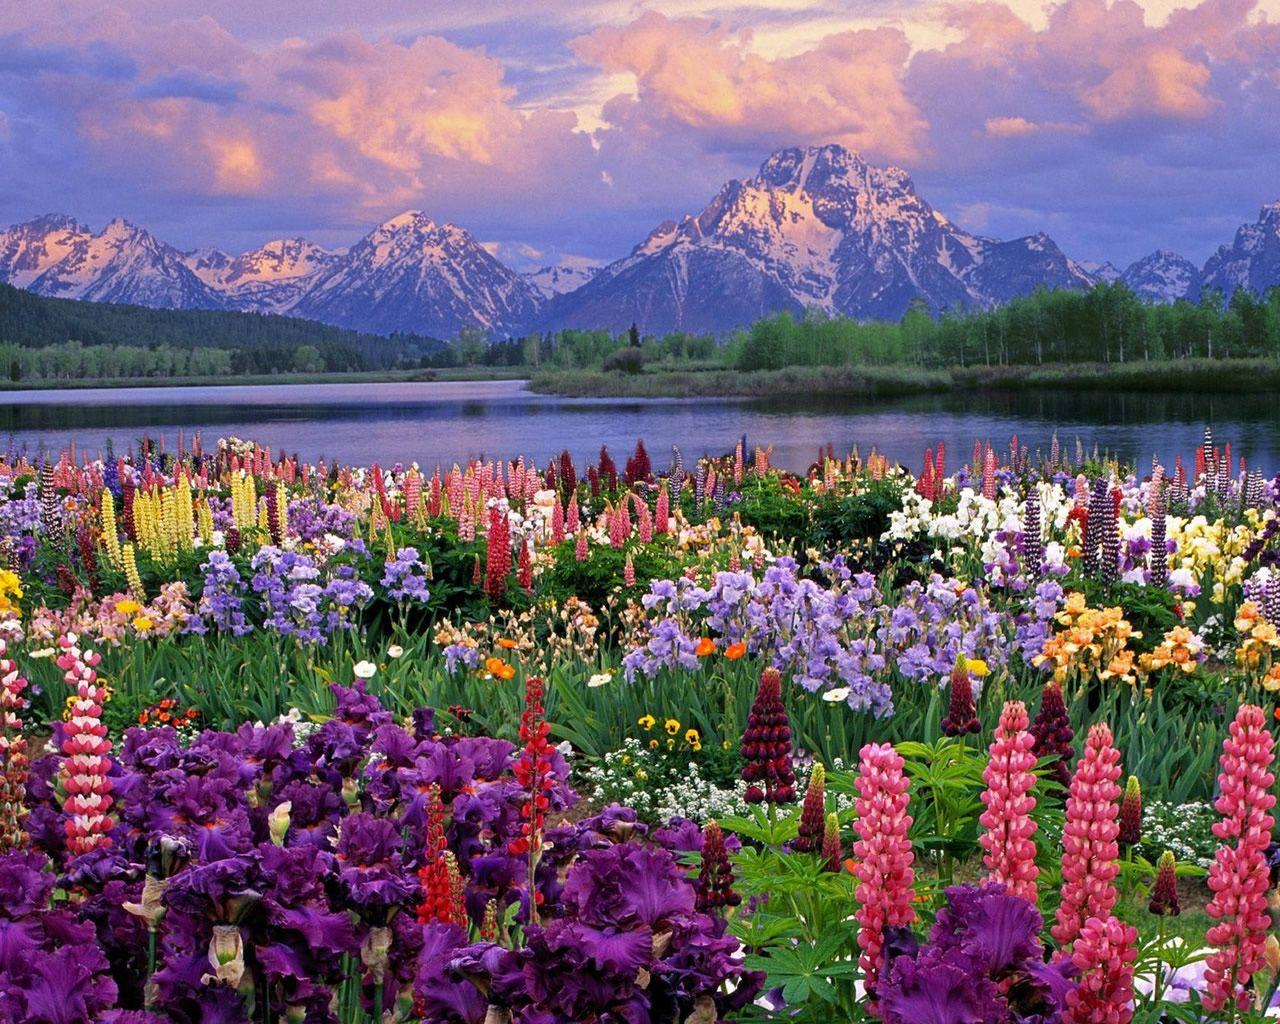 Spring Mountain Landscape Paisajes Flores Fotos De Paisajes Naturales Fotos De Paisajes